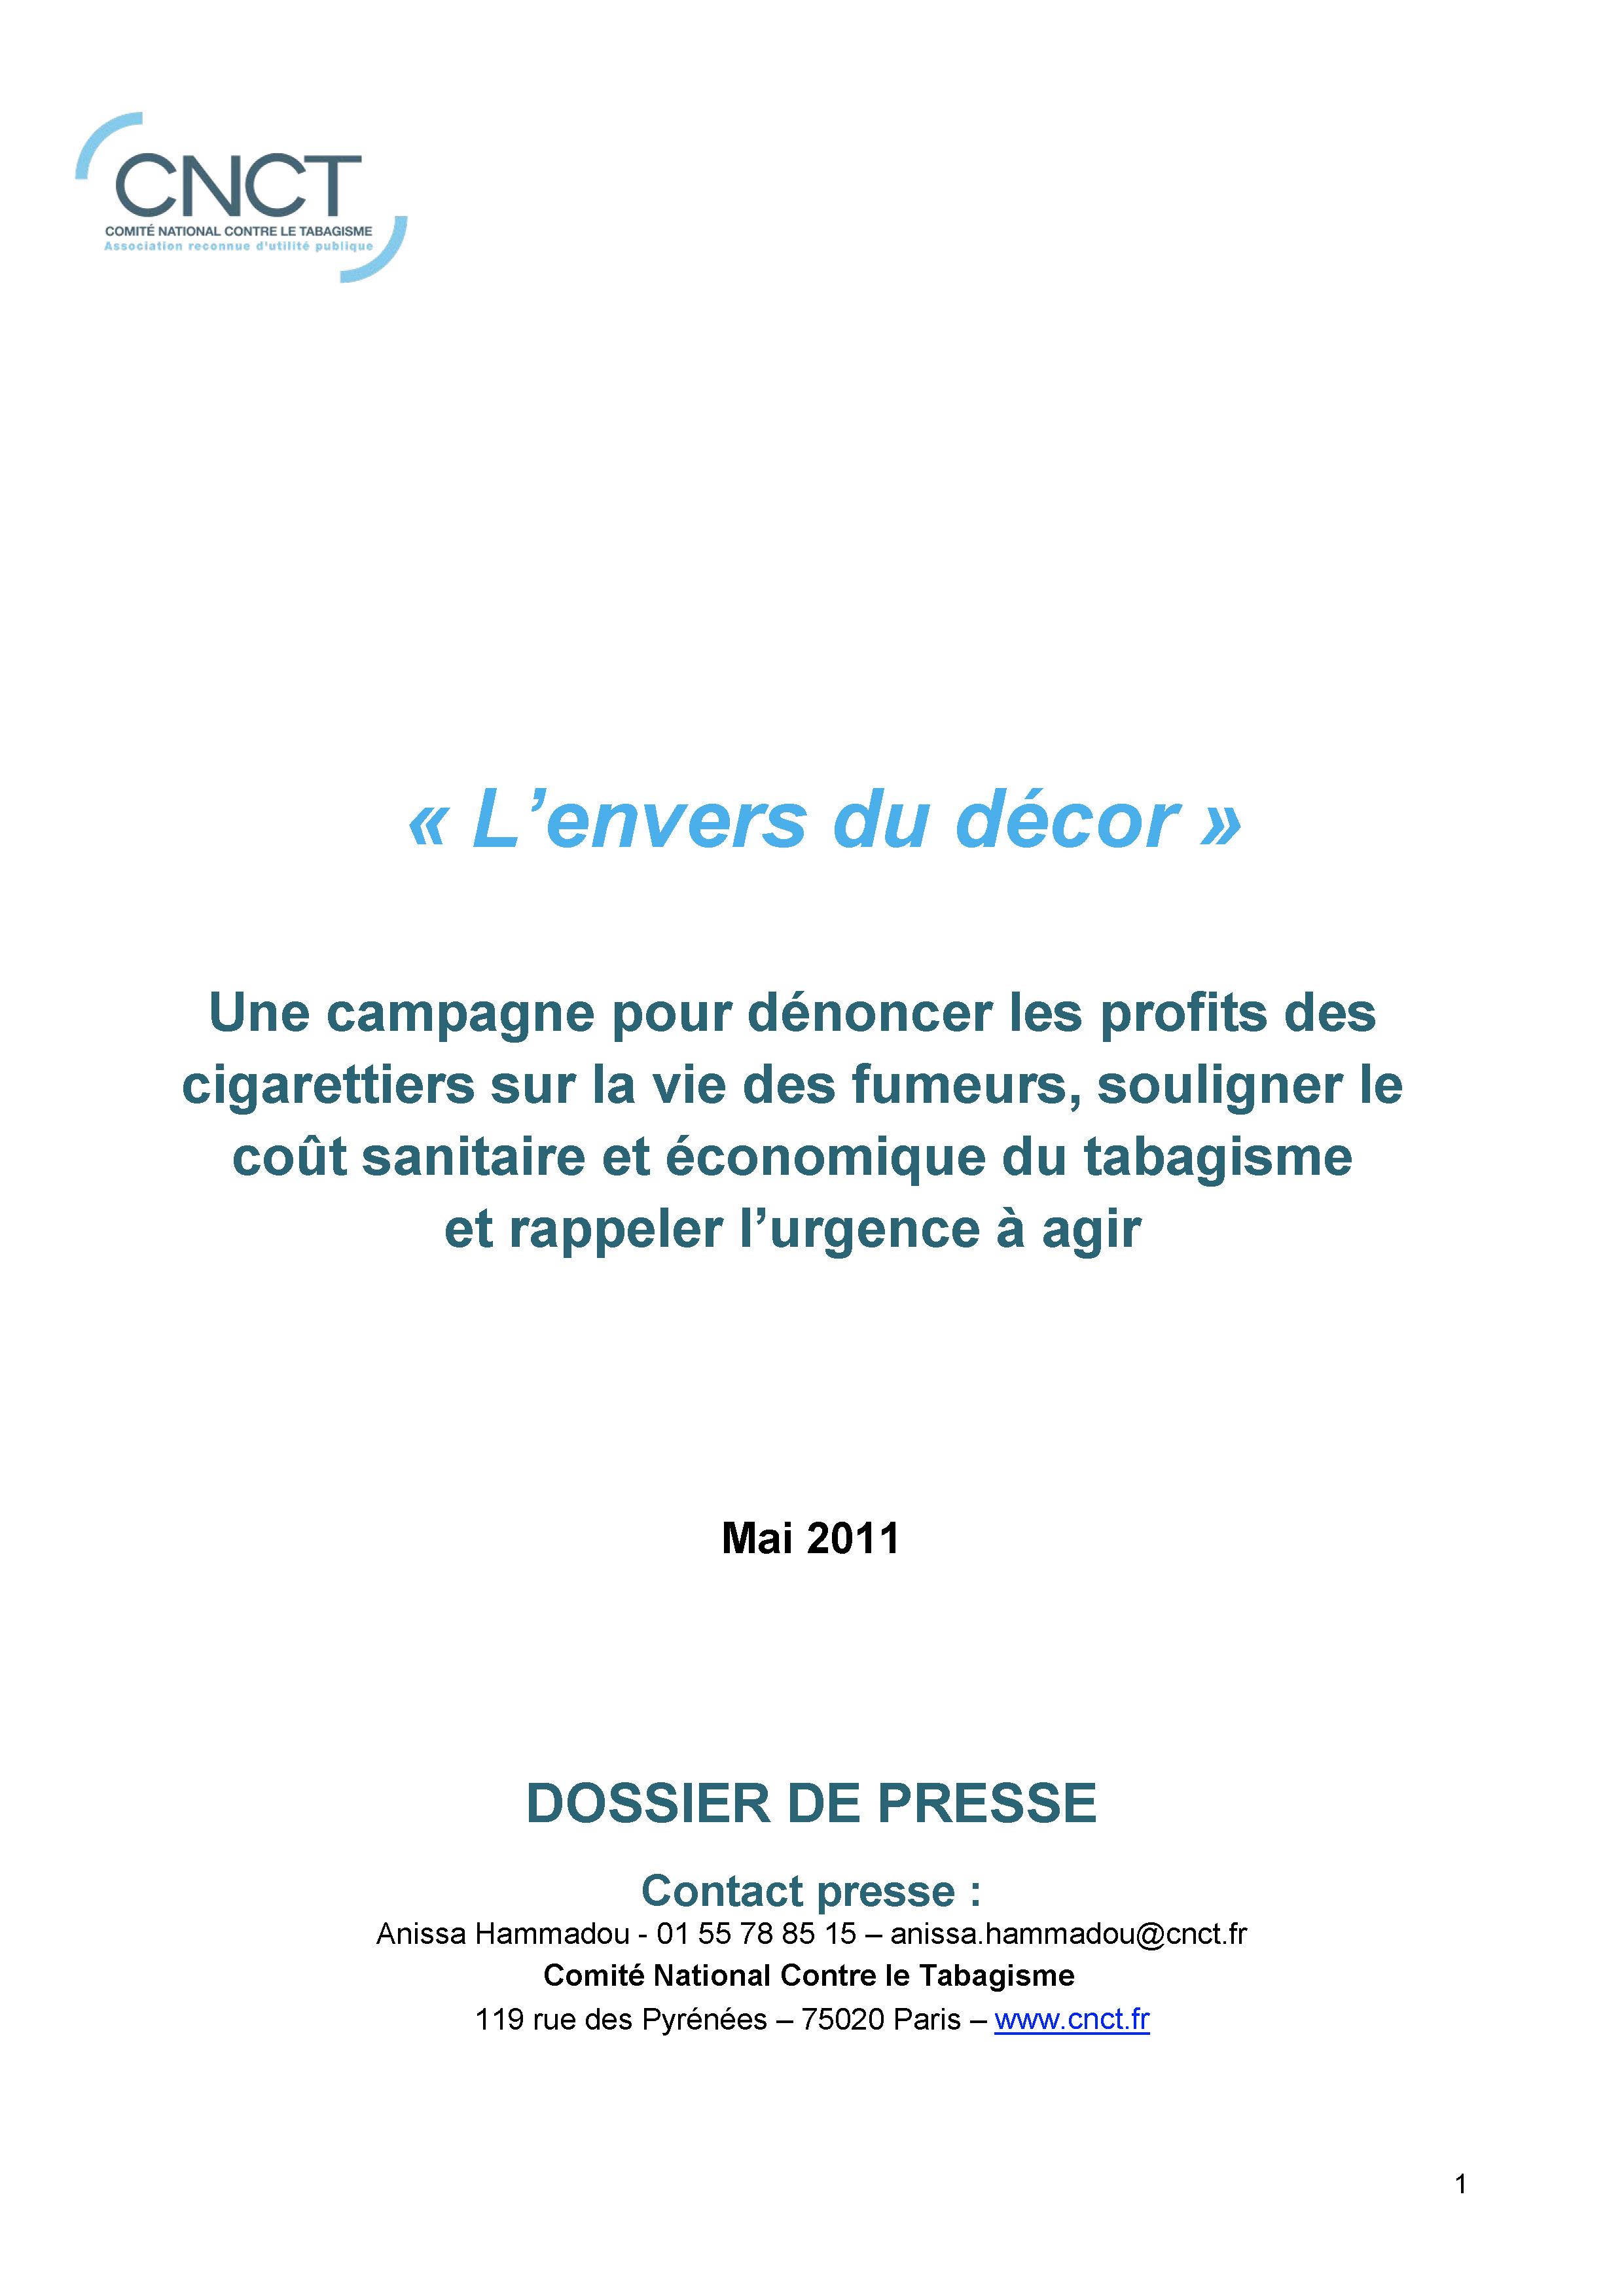 CNCT-DP-l-envers-du-decor-17mai2011_Page_01.jpg